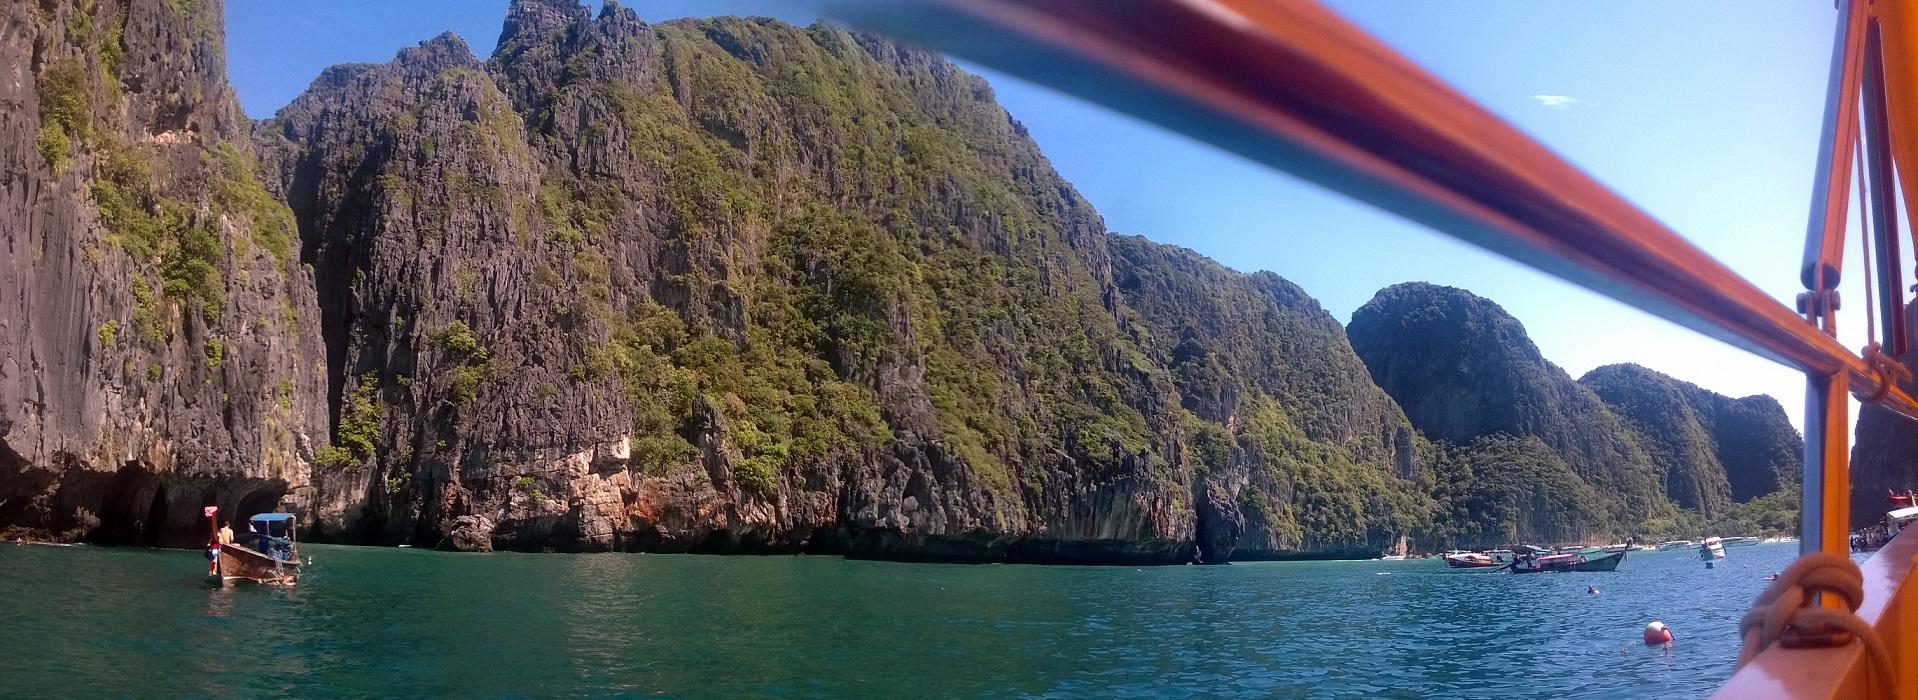 Viking cave at Andaman sea